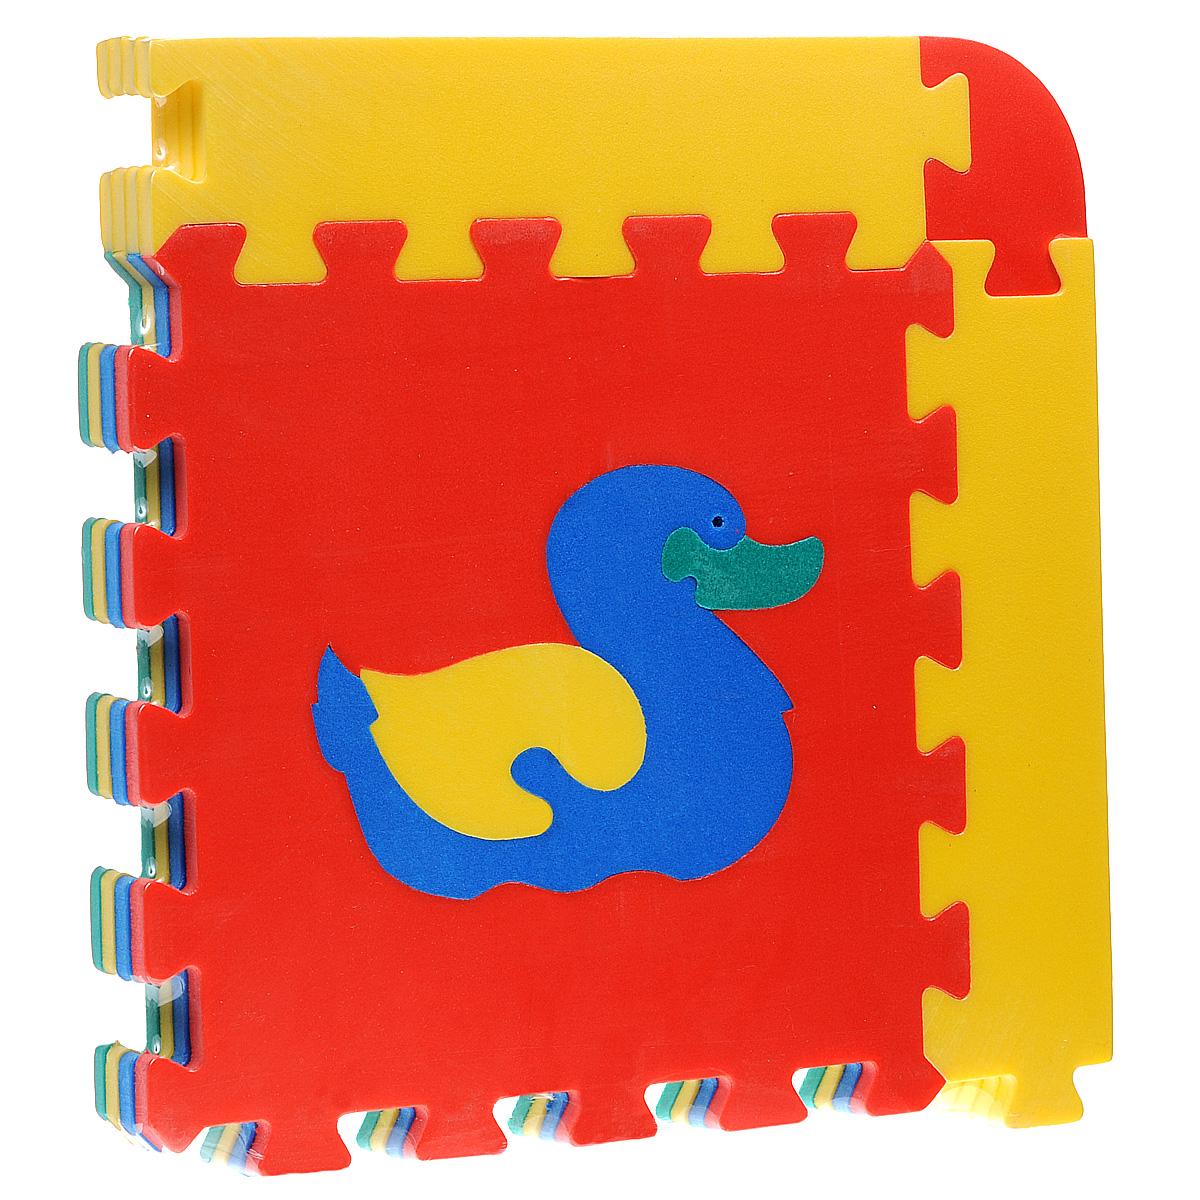 Коврик-пазл Животные, 4 элемента флексика коврик пазл морской 6 деталей